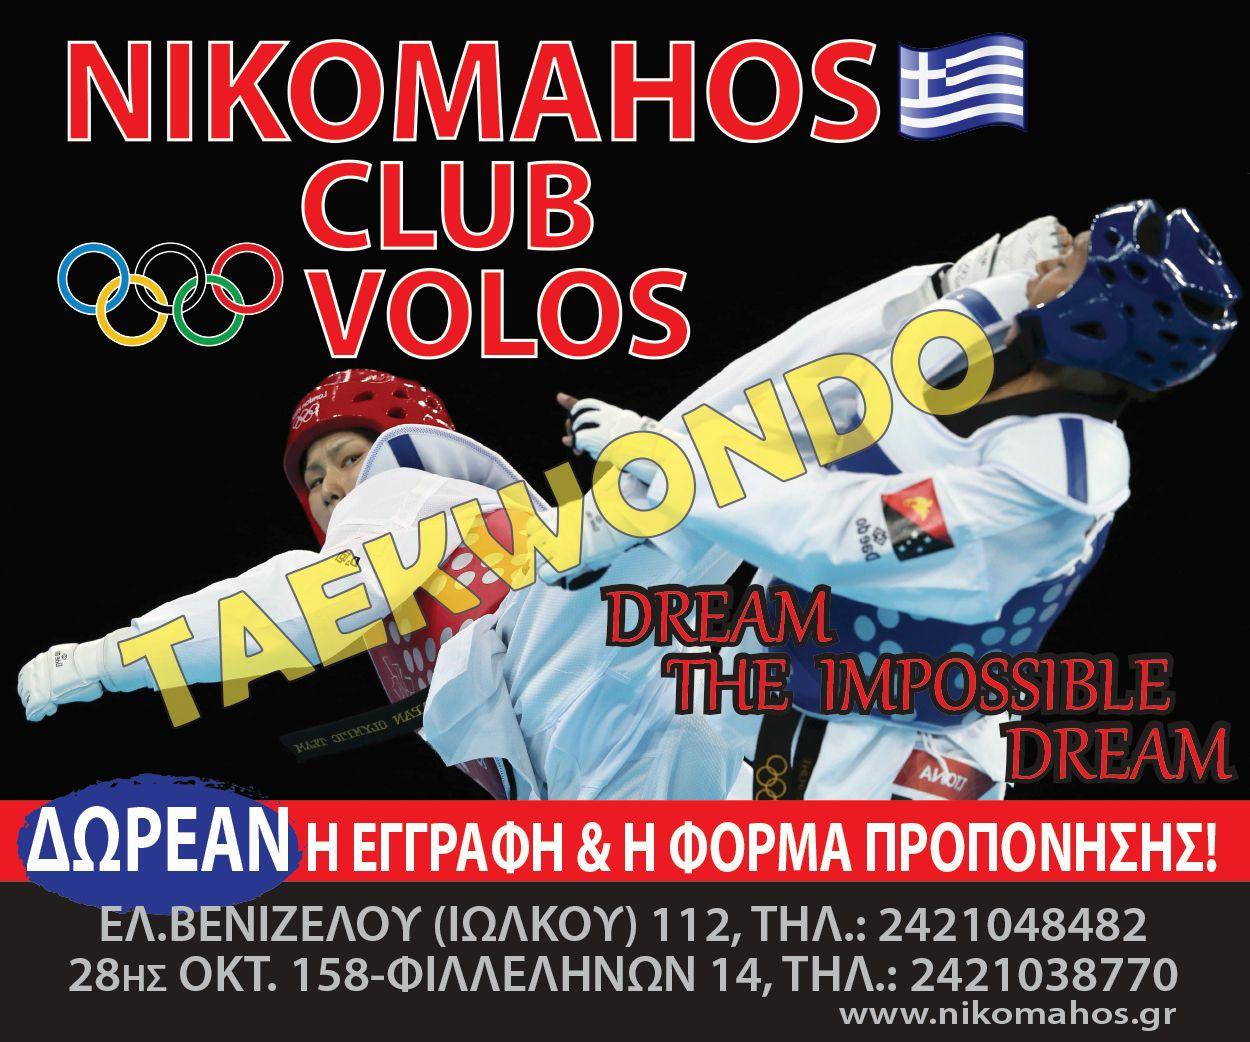 http://www.nikomahos.gr/